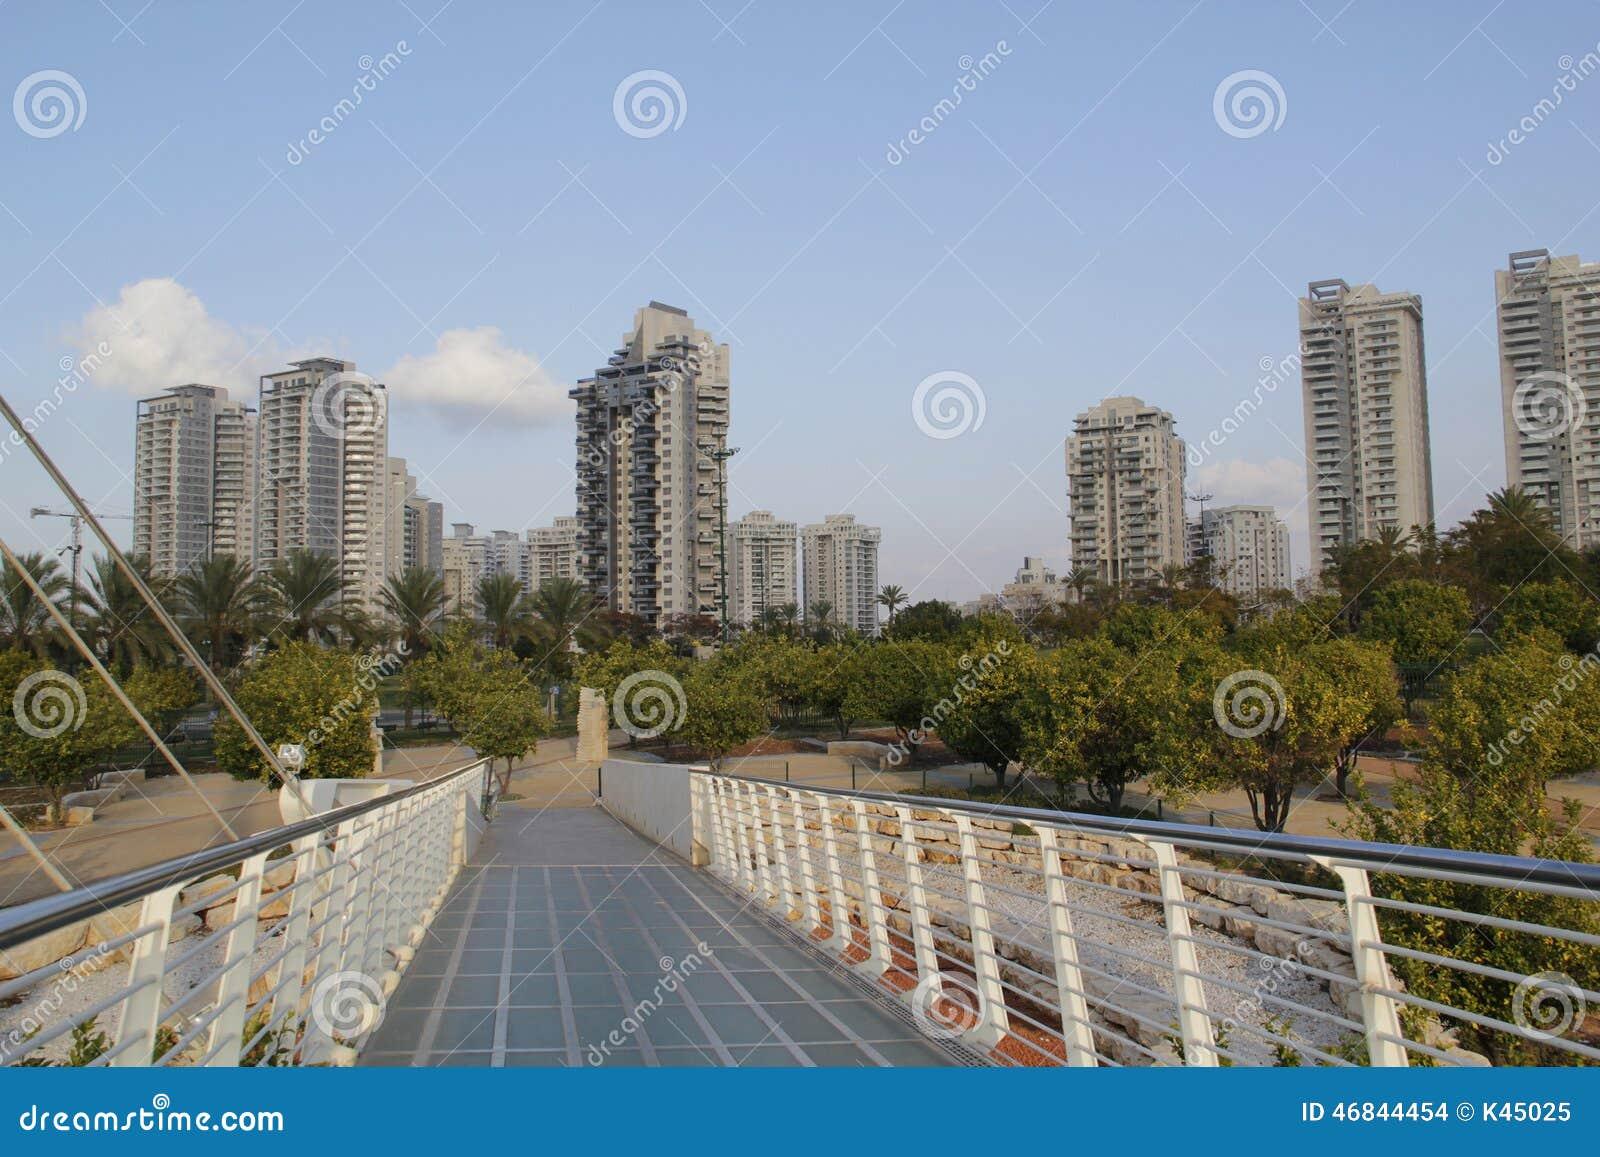 Wysocy budynki mieszkalni